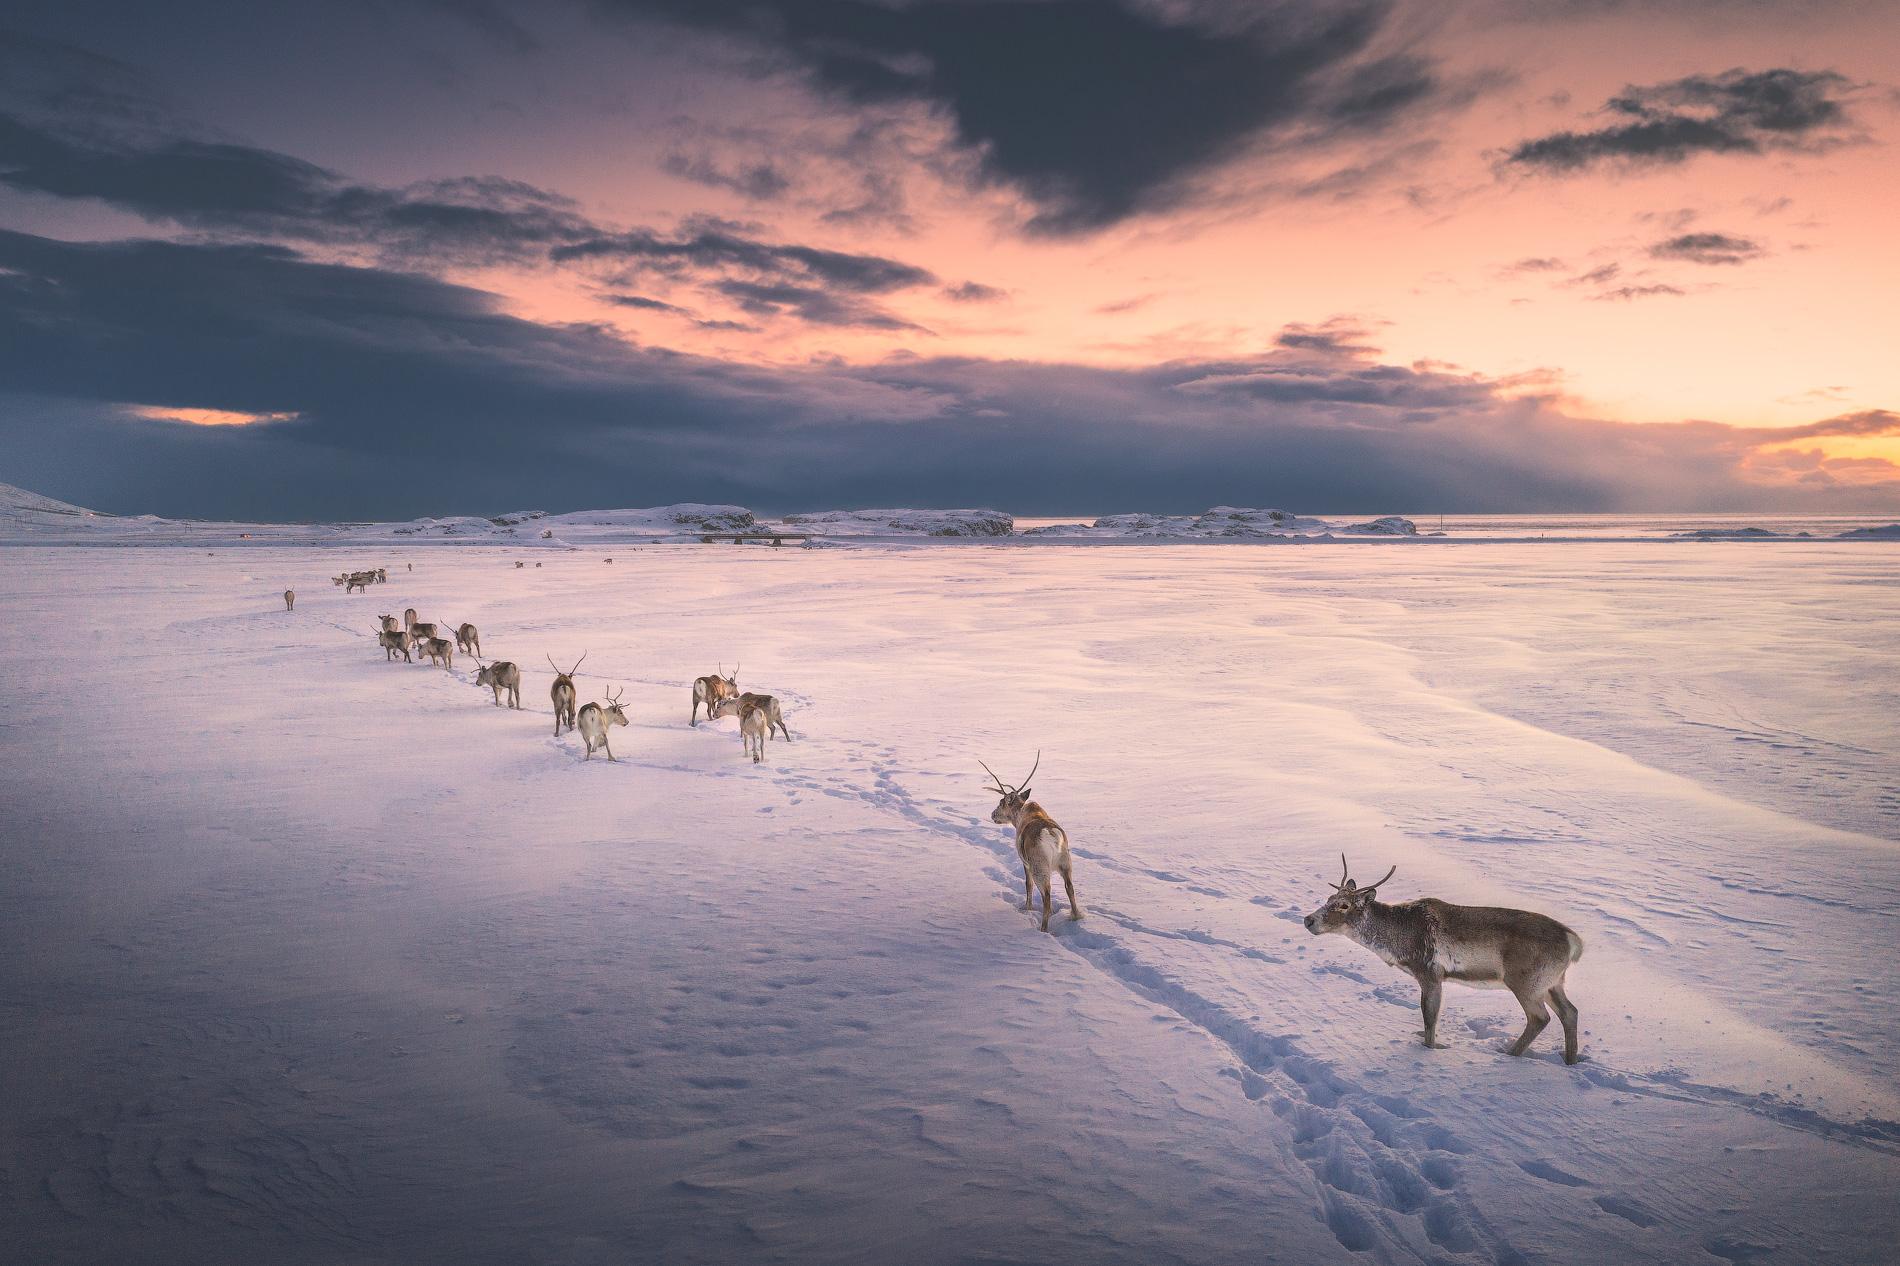 Taller de fotografía completo de dos semanas en Islandia en invierno - day 8